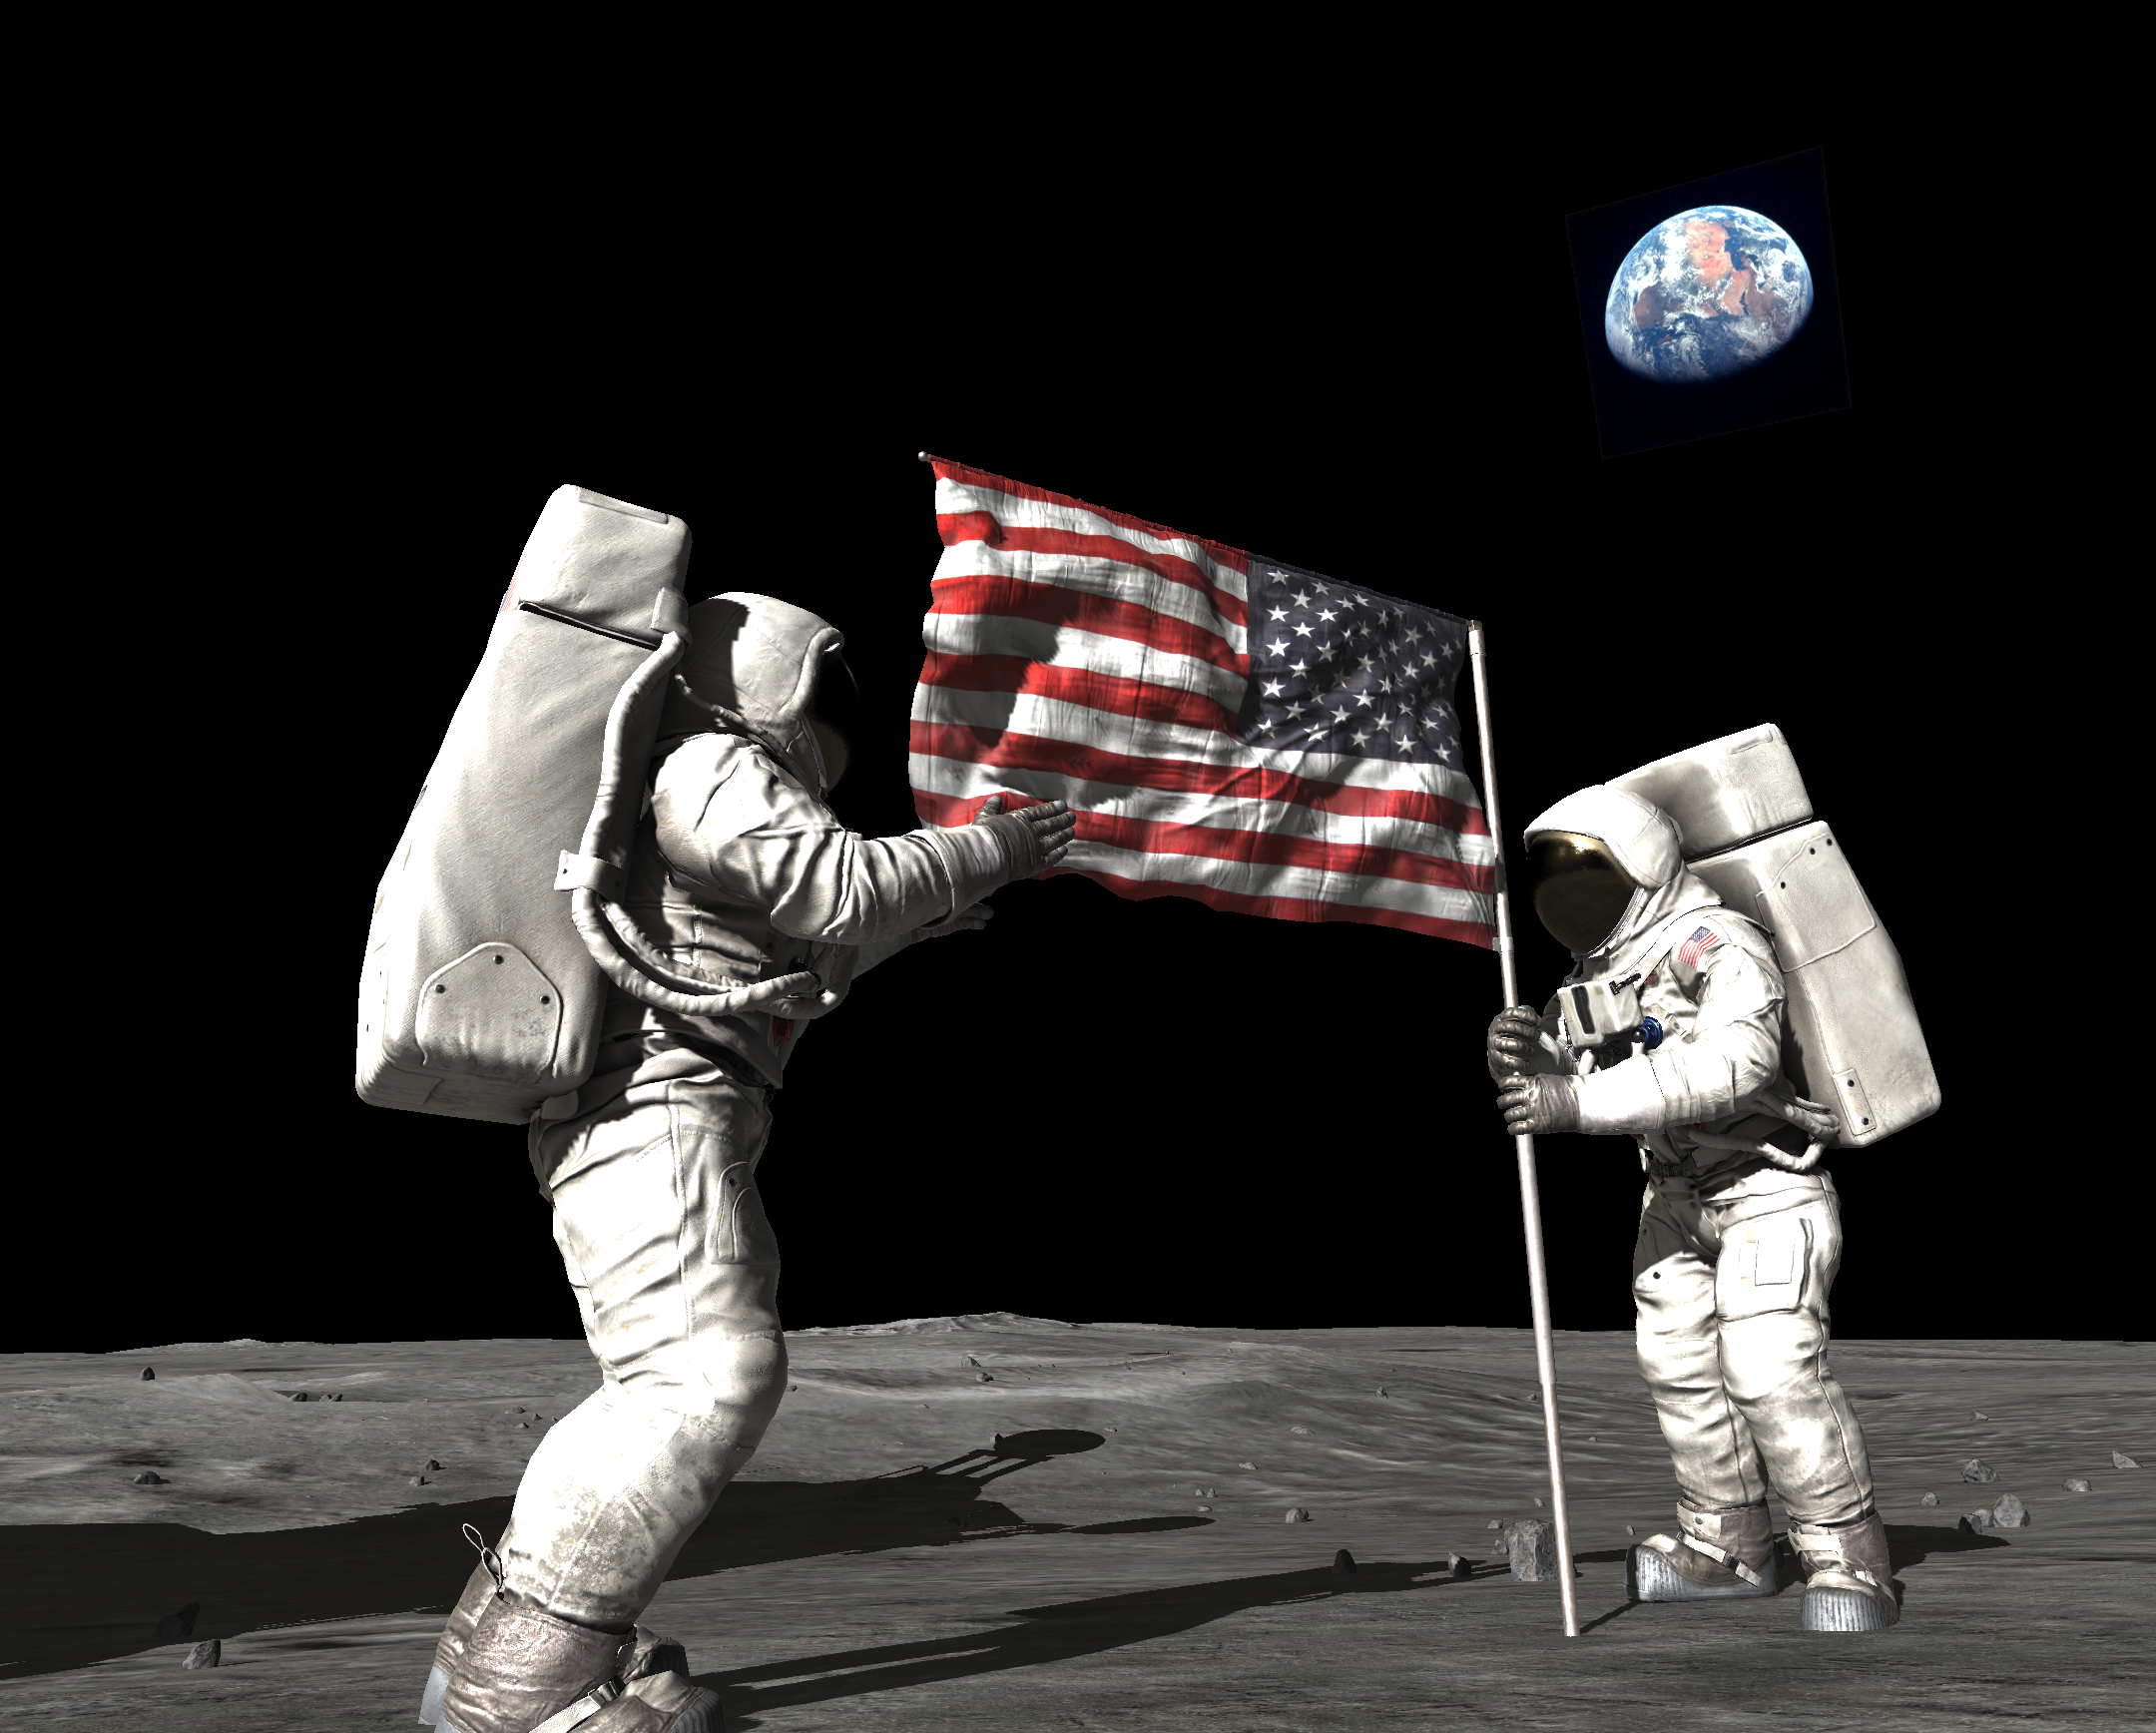 moon landing 2019 funny saiditnet - HD2160×1736